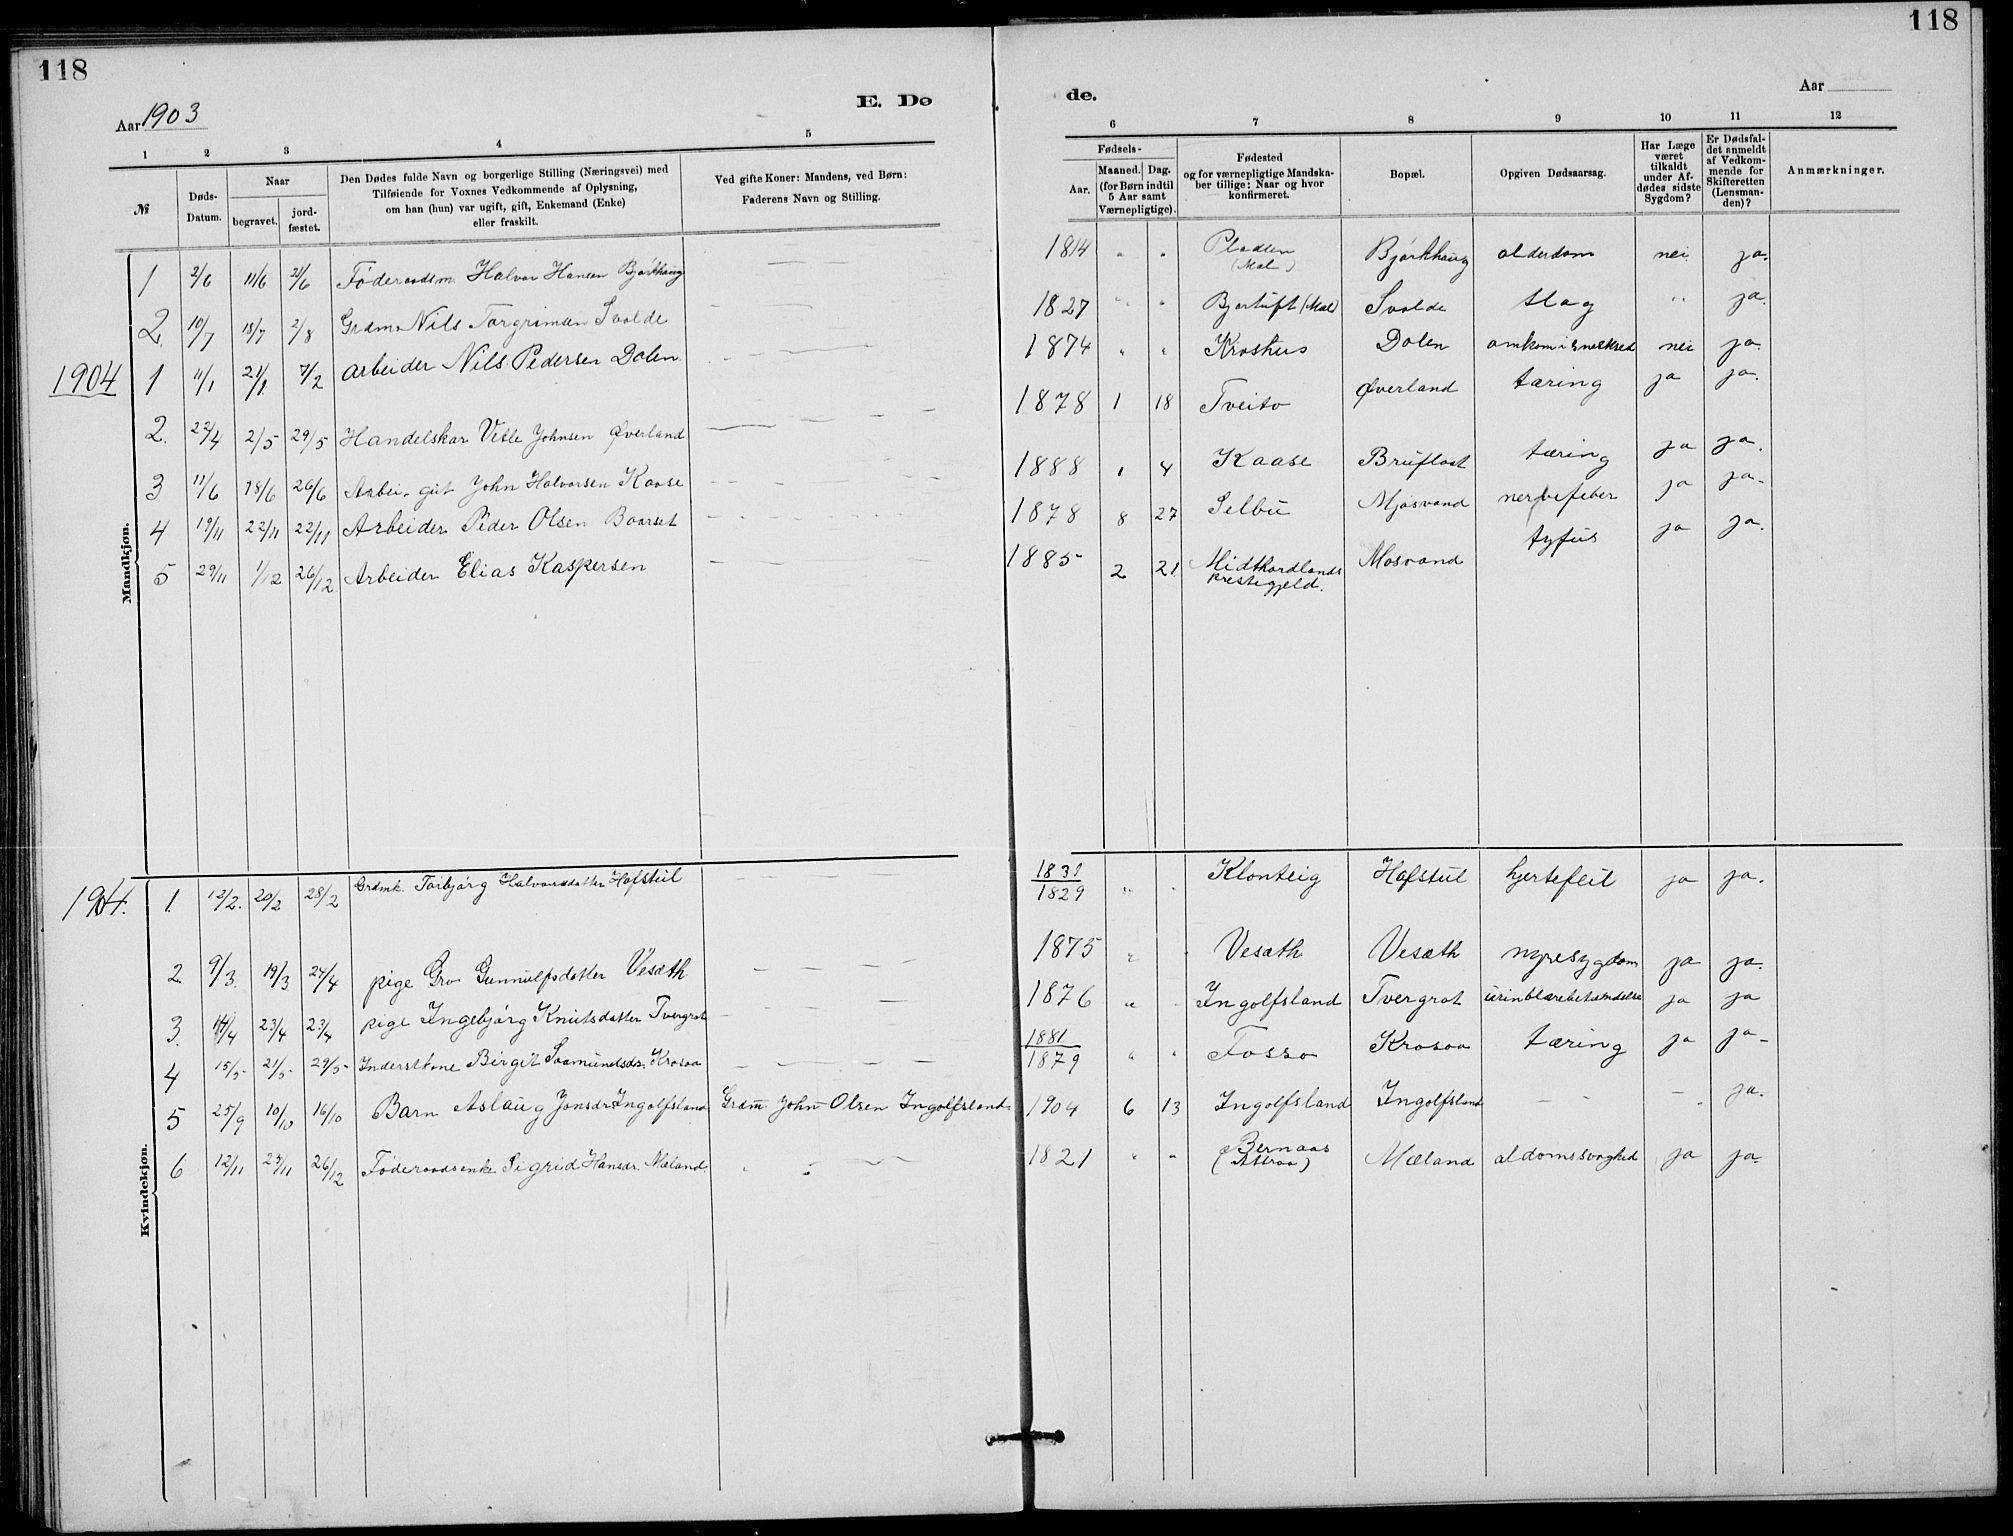 SAKO, Rjukan kirkebøker, G/Ga/L0001: Klokkerbok nr. 1, 1880-1914, s. 118